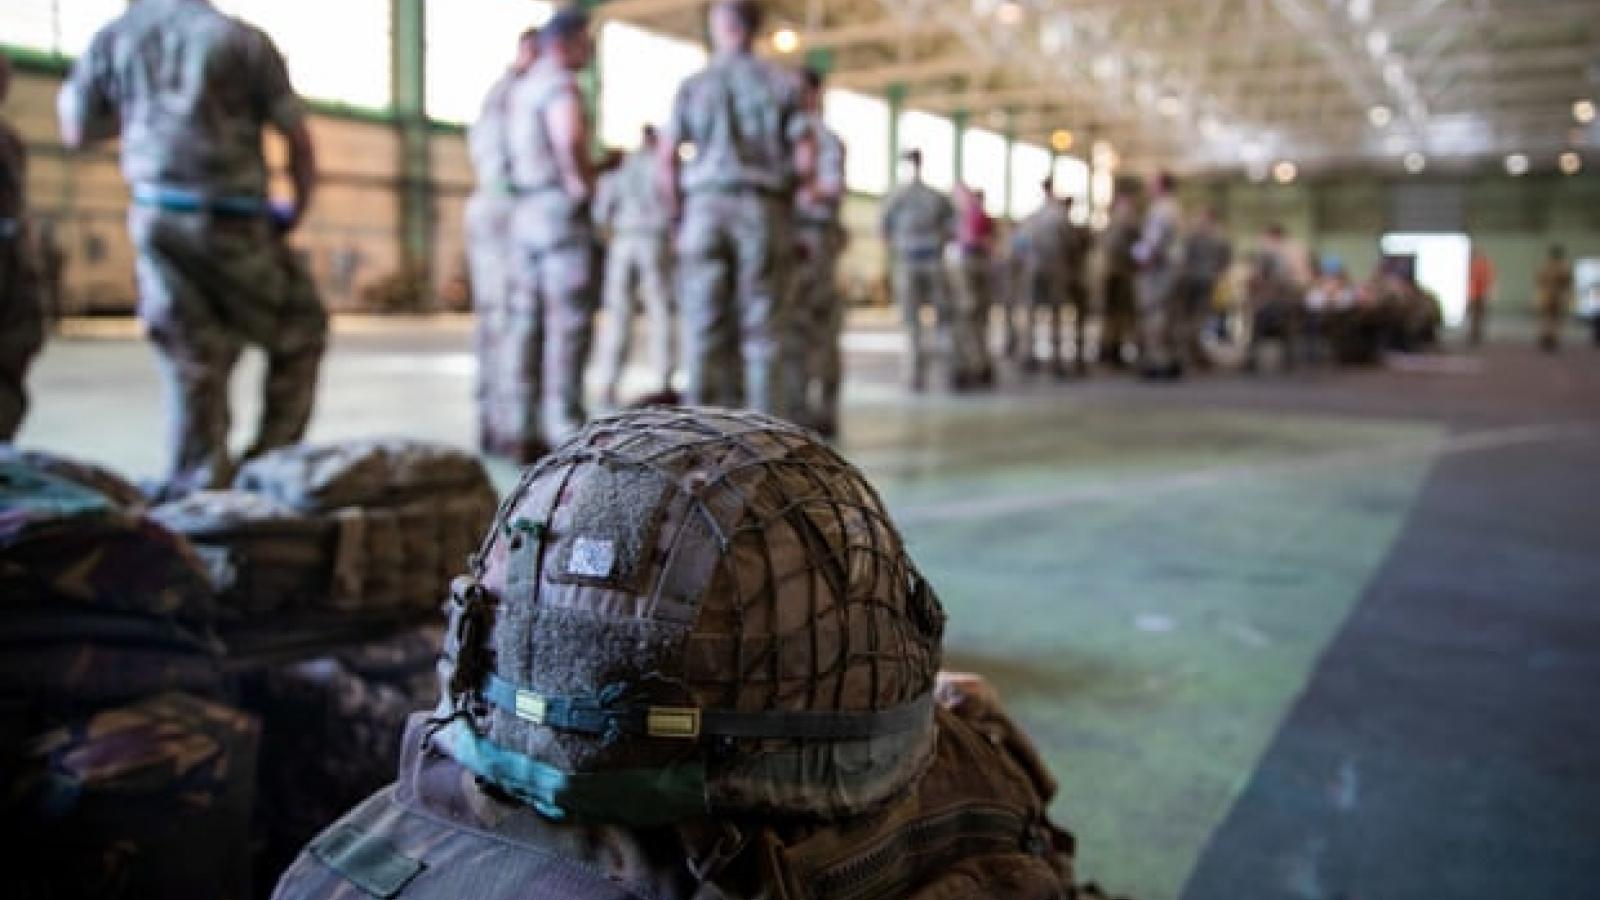 """Mỹ coi mối đe dọa từ tổ chức """"Nhà nước Hồi giáo"""" ở Afghanistan là nghiêm trọng"""